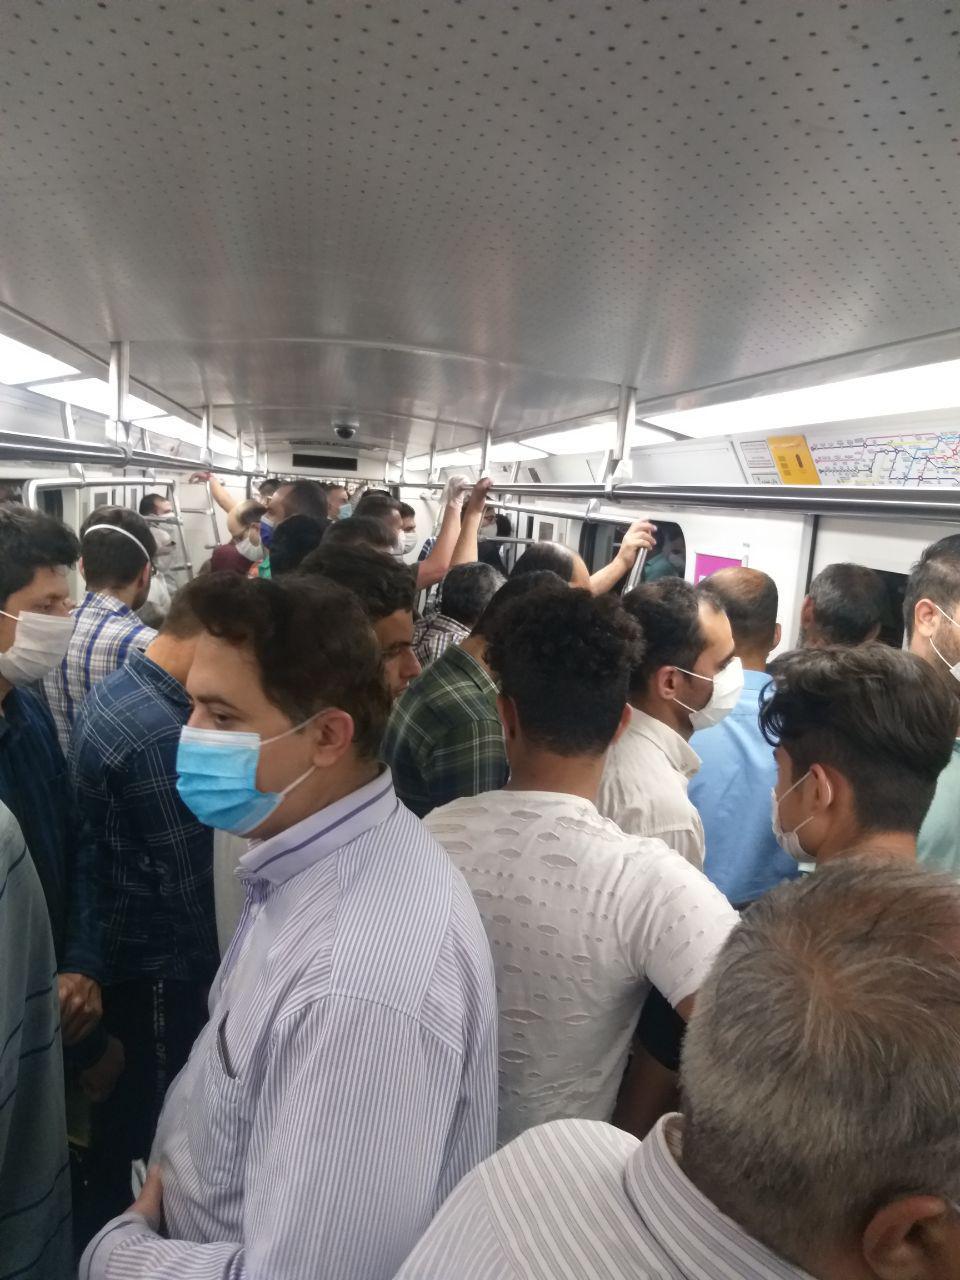 ازدحام جمعیت در مترو در وضعیت قرمز کرونایی